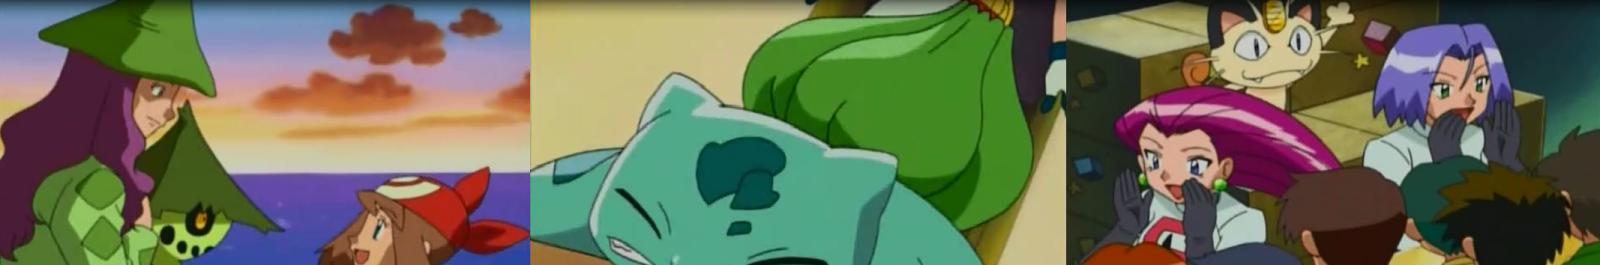 Pokemon Capitulo 11 Temporada 8 Un Cacturne Puede Empeorarlo